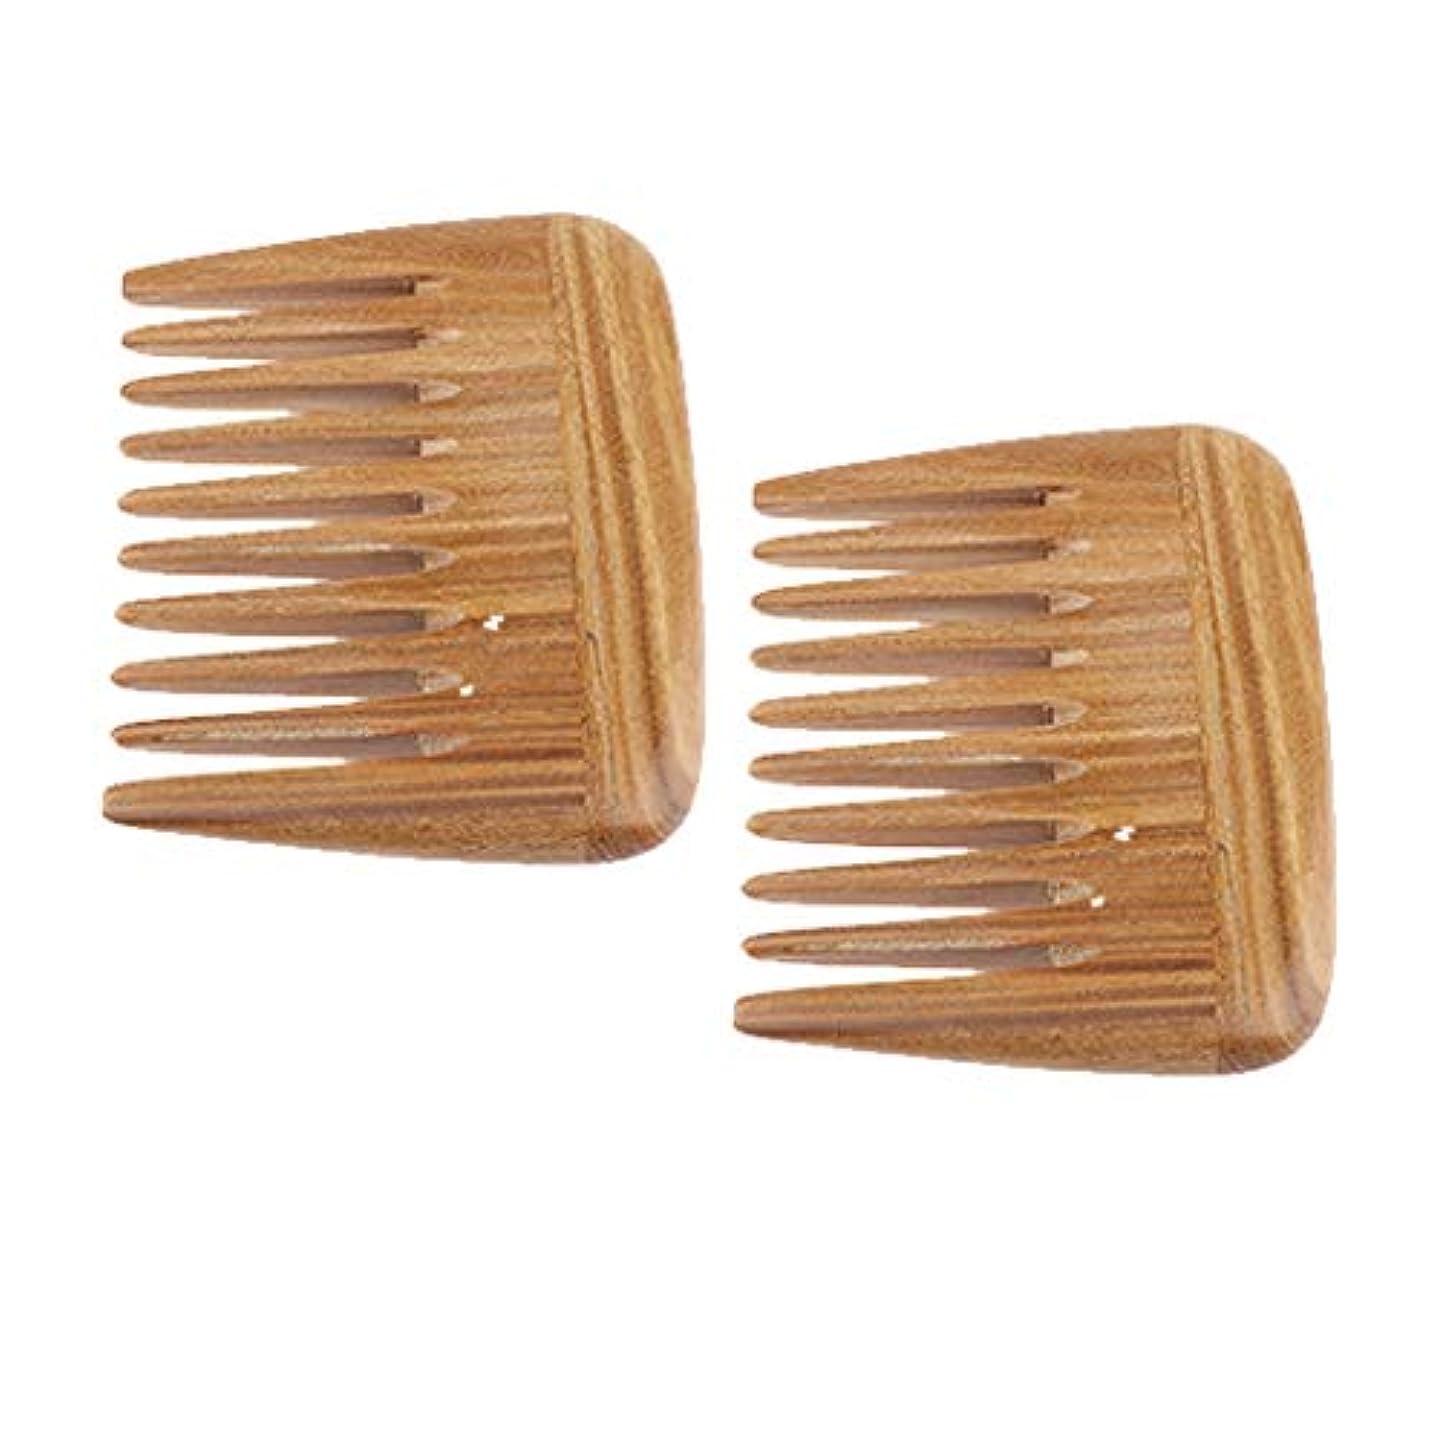 スケルトンスリム第2個 静電気防止櫛 ポケット 広い歯 ヘアコーム 木製櫛 プレゼント